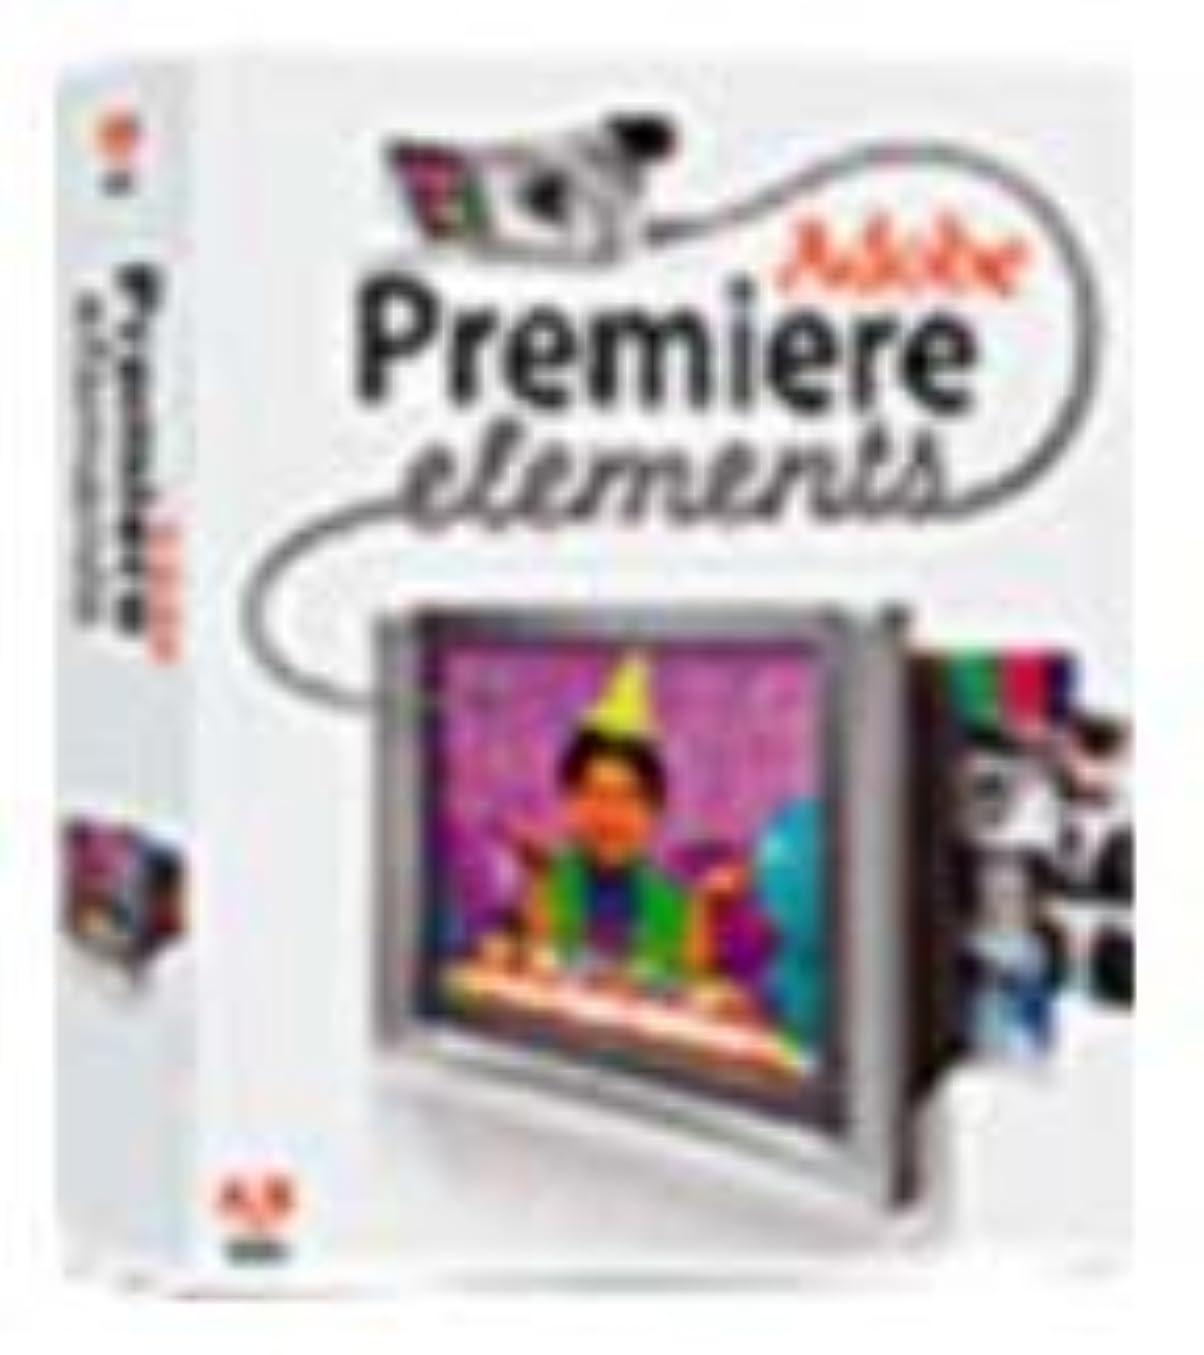 経験的オプショナル二週間Premiere Elements 英語版